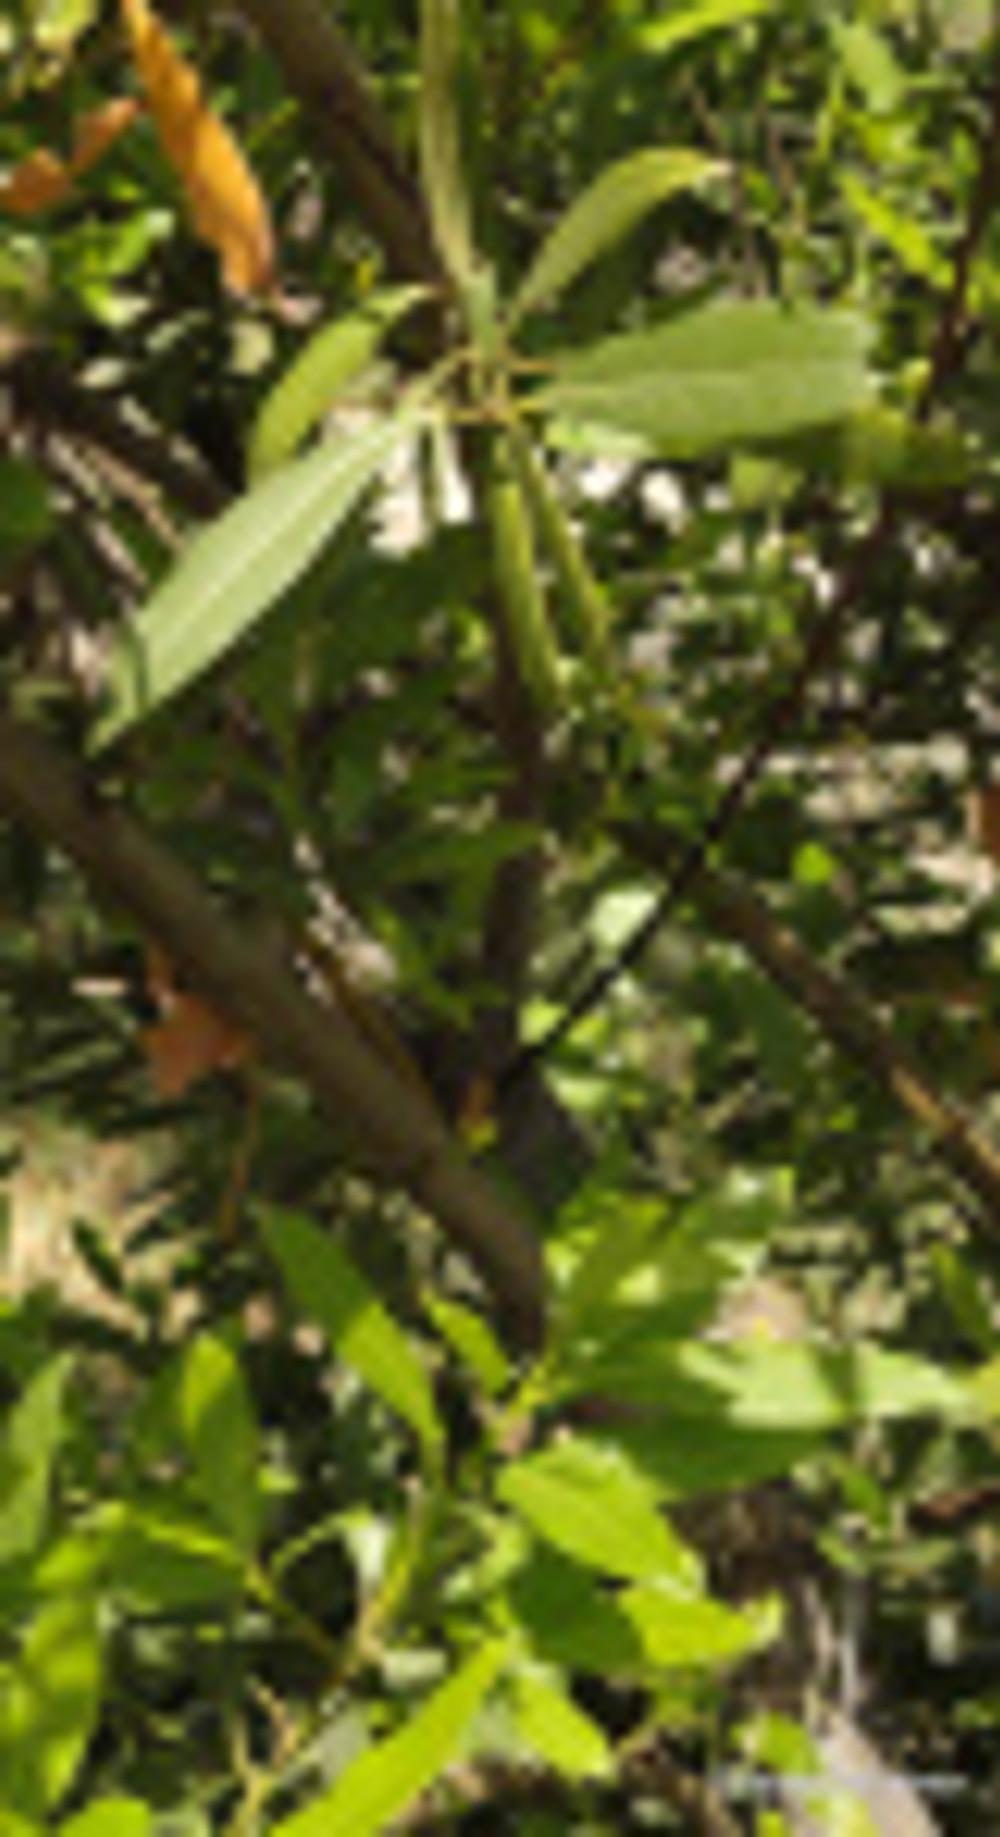 Leaves on Laurus nobilis